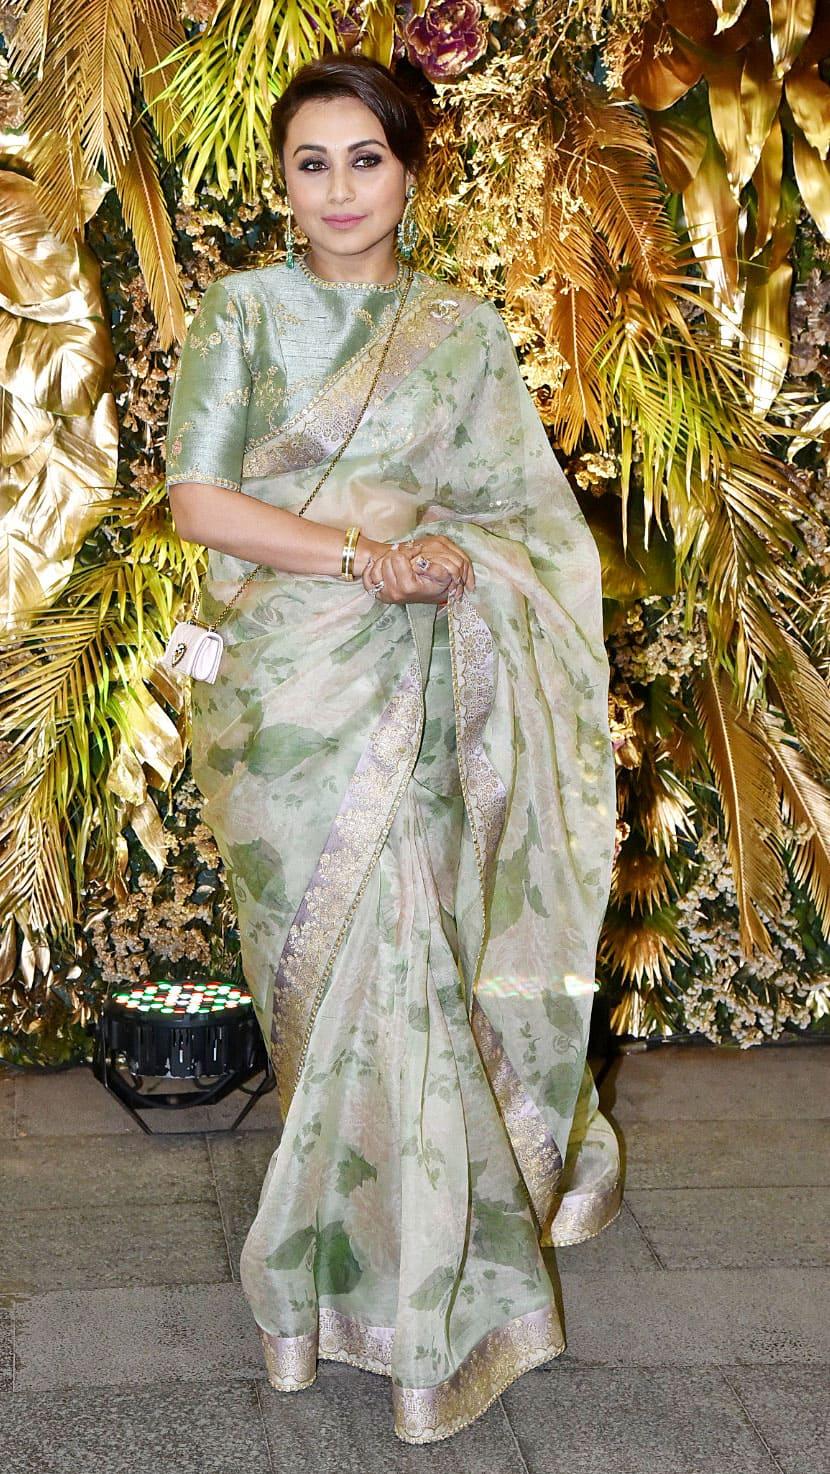 Rani Mukerji looks ravishing